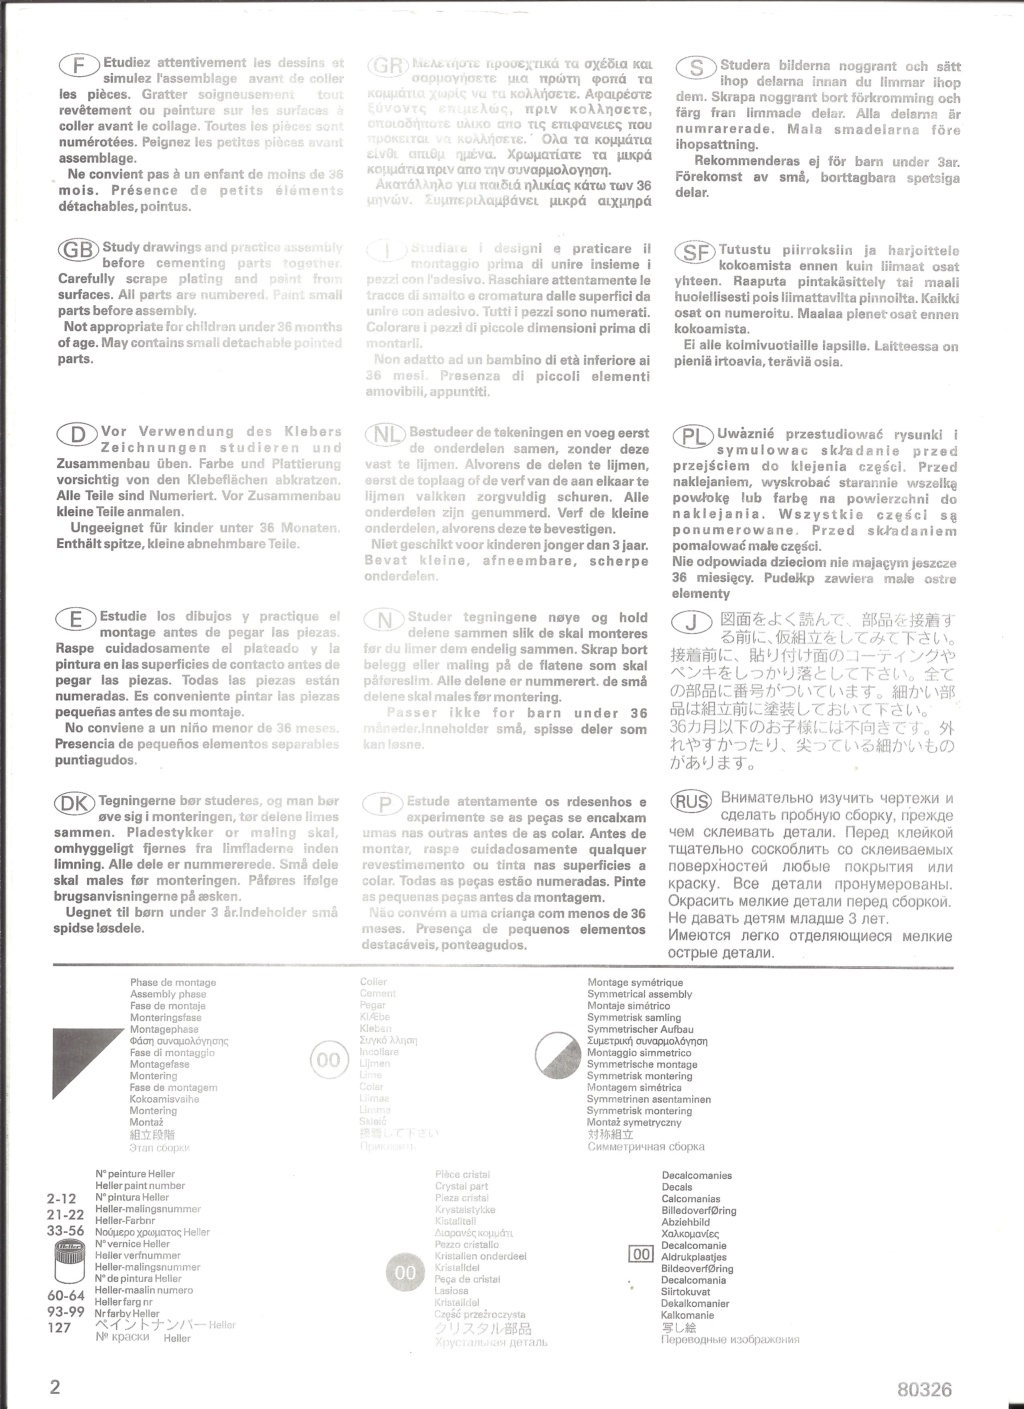 LING TEMCO VOUGHT F-8P  CRUSADER 1/72ème Réf 80326 Notice Helle535